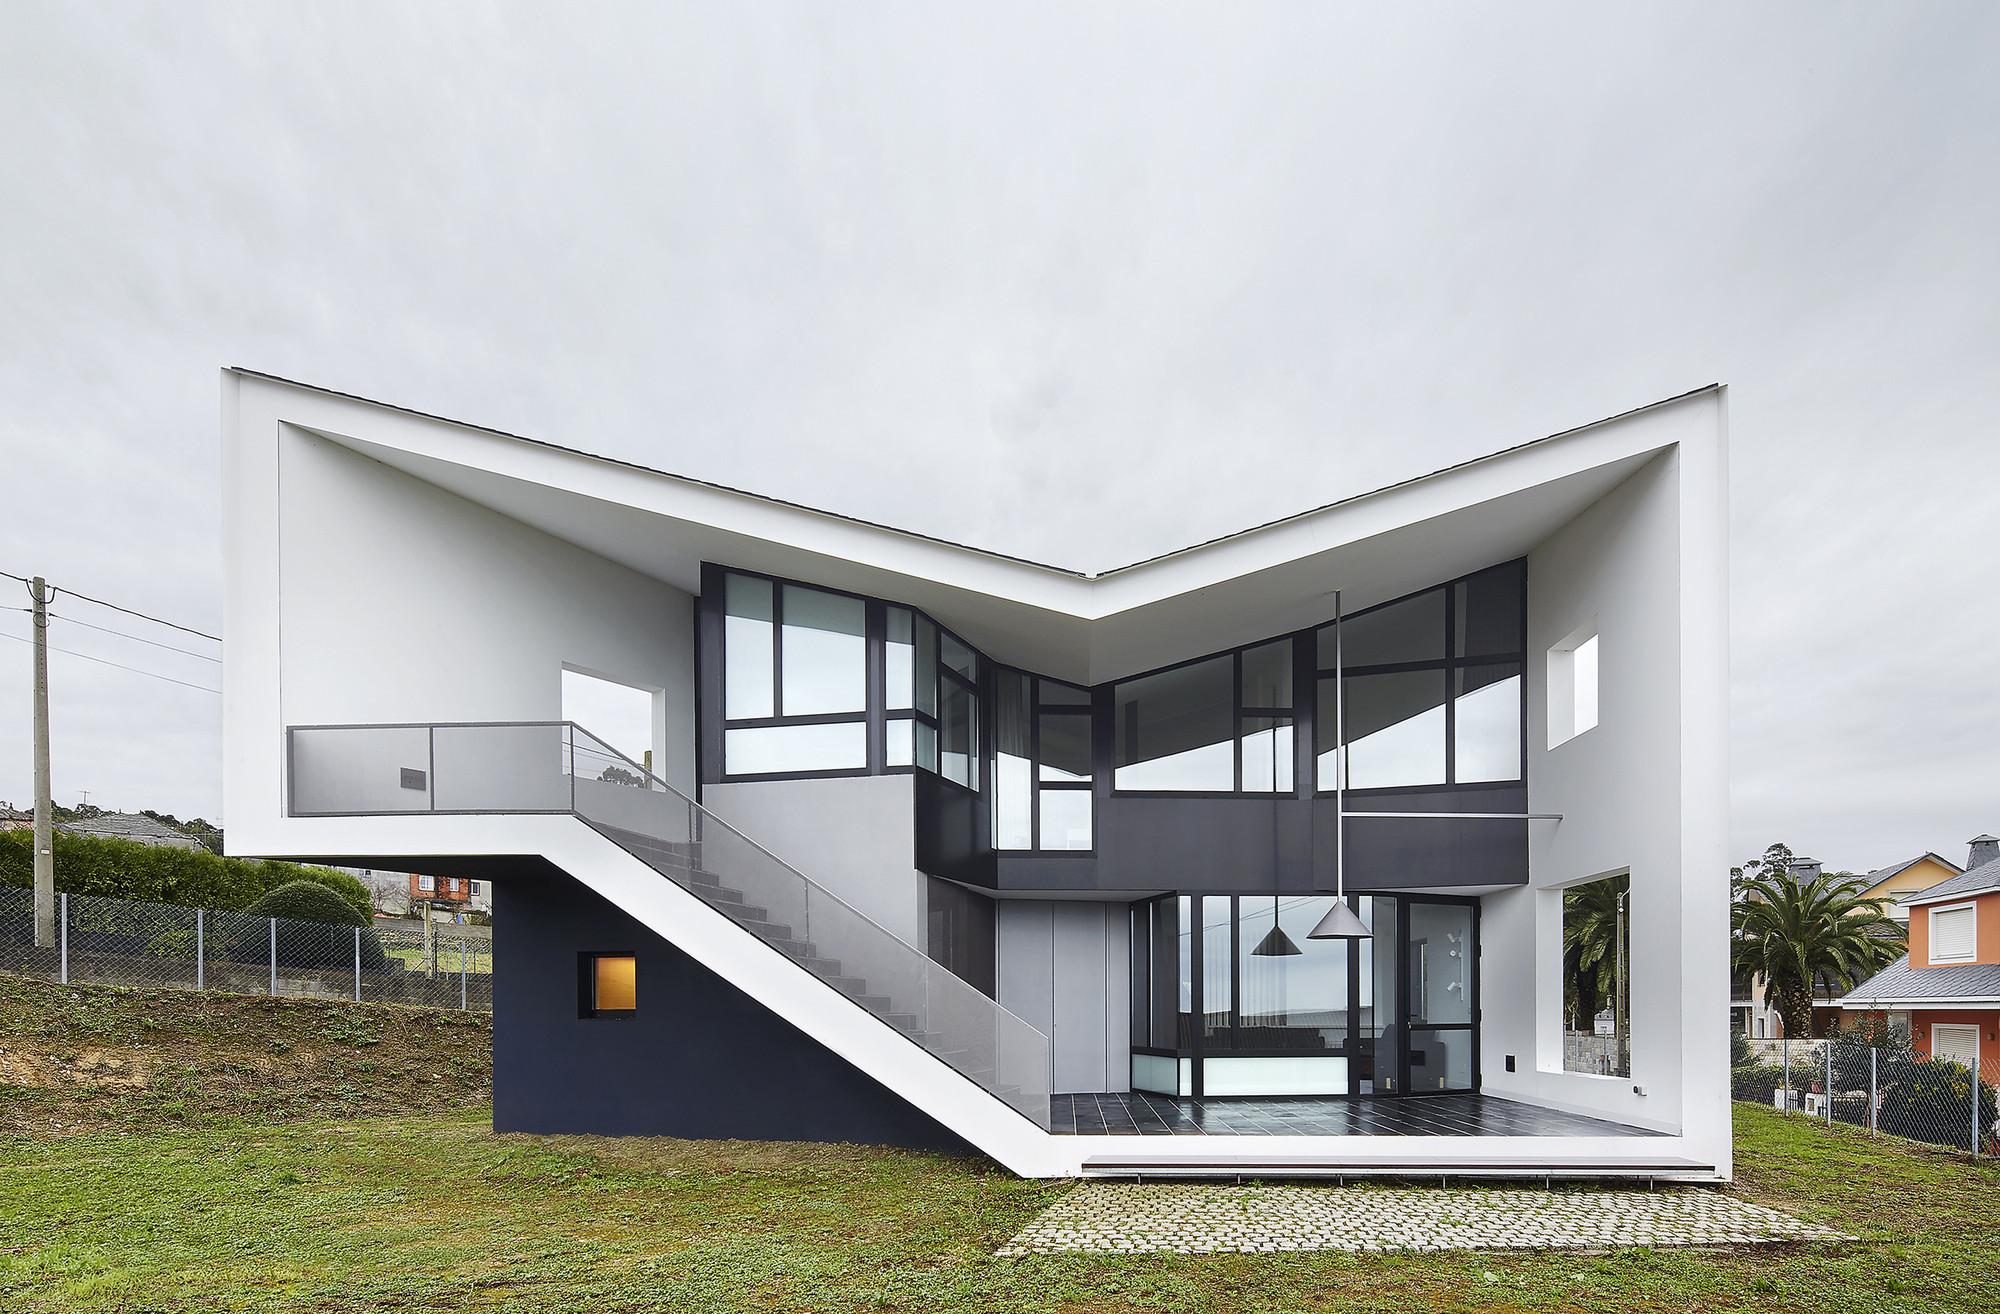 Casa de vacaciones en Vilapol  / Padilla Nicás Arquitectos, © Jose Hevia